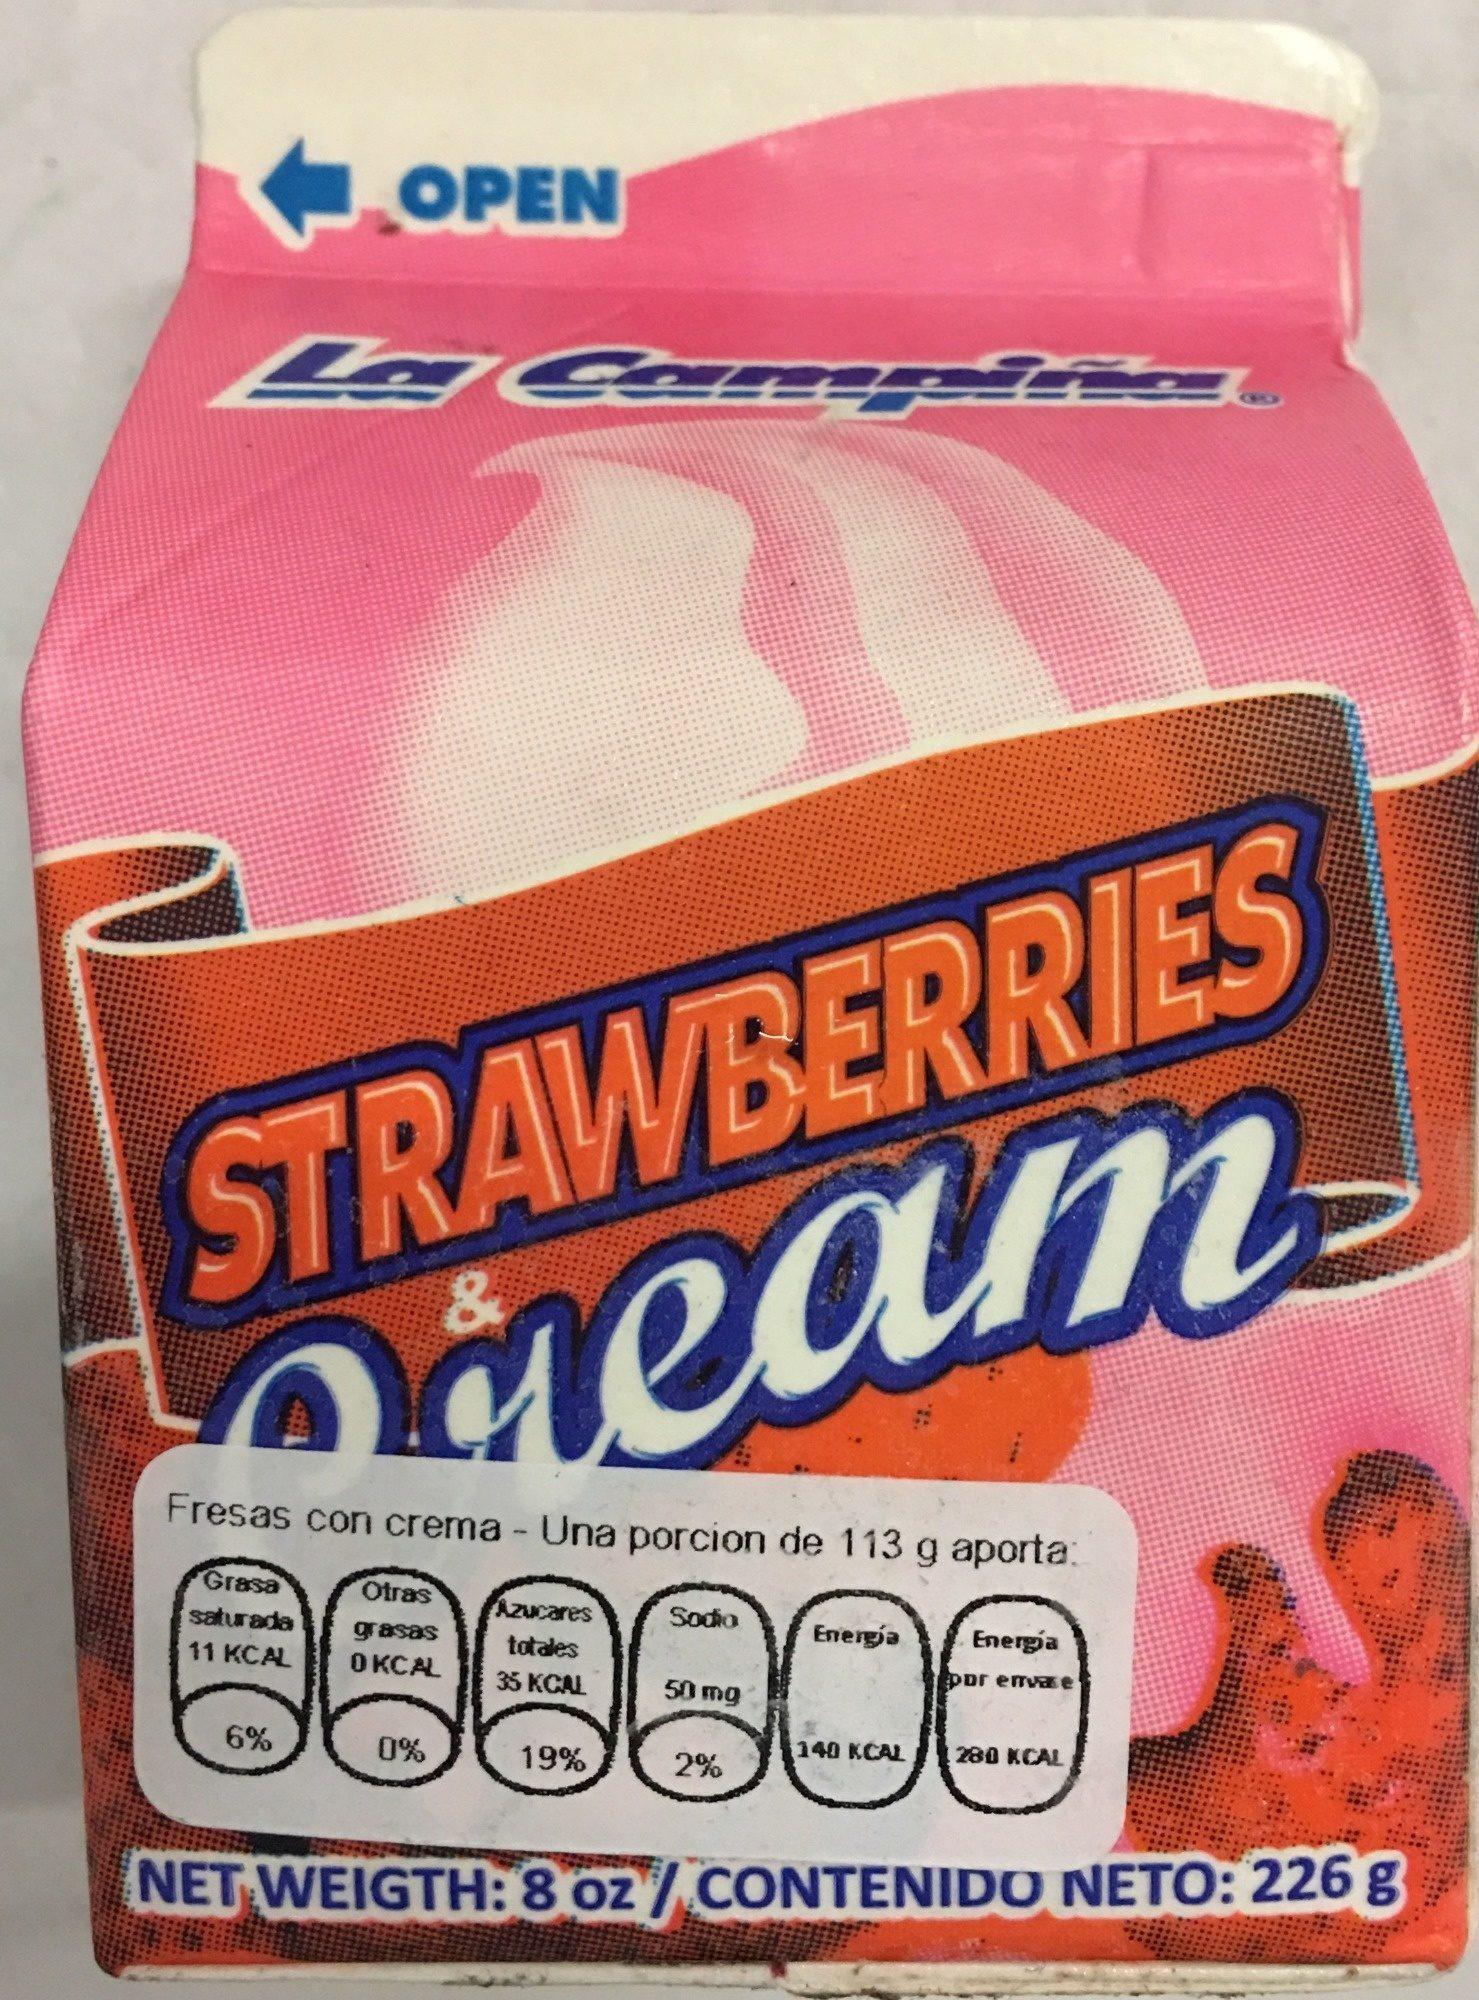 Strawberries & Cream - Produit - es